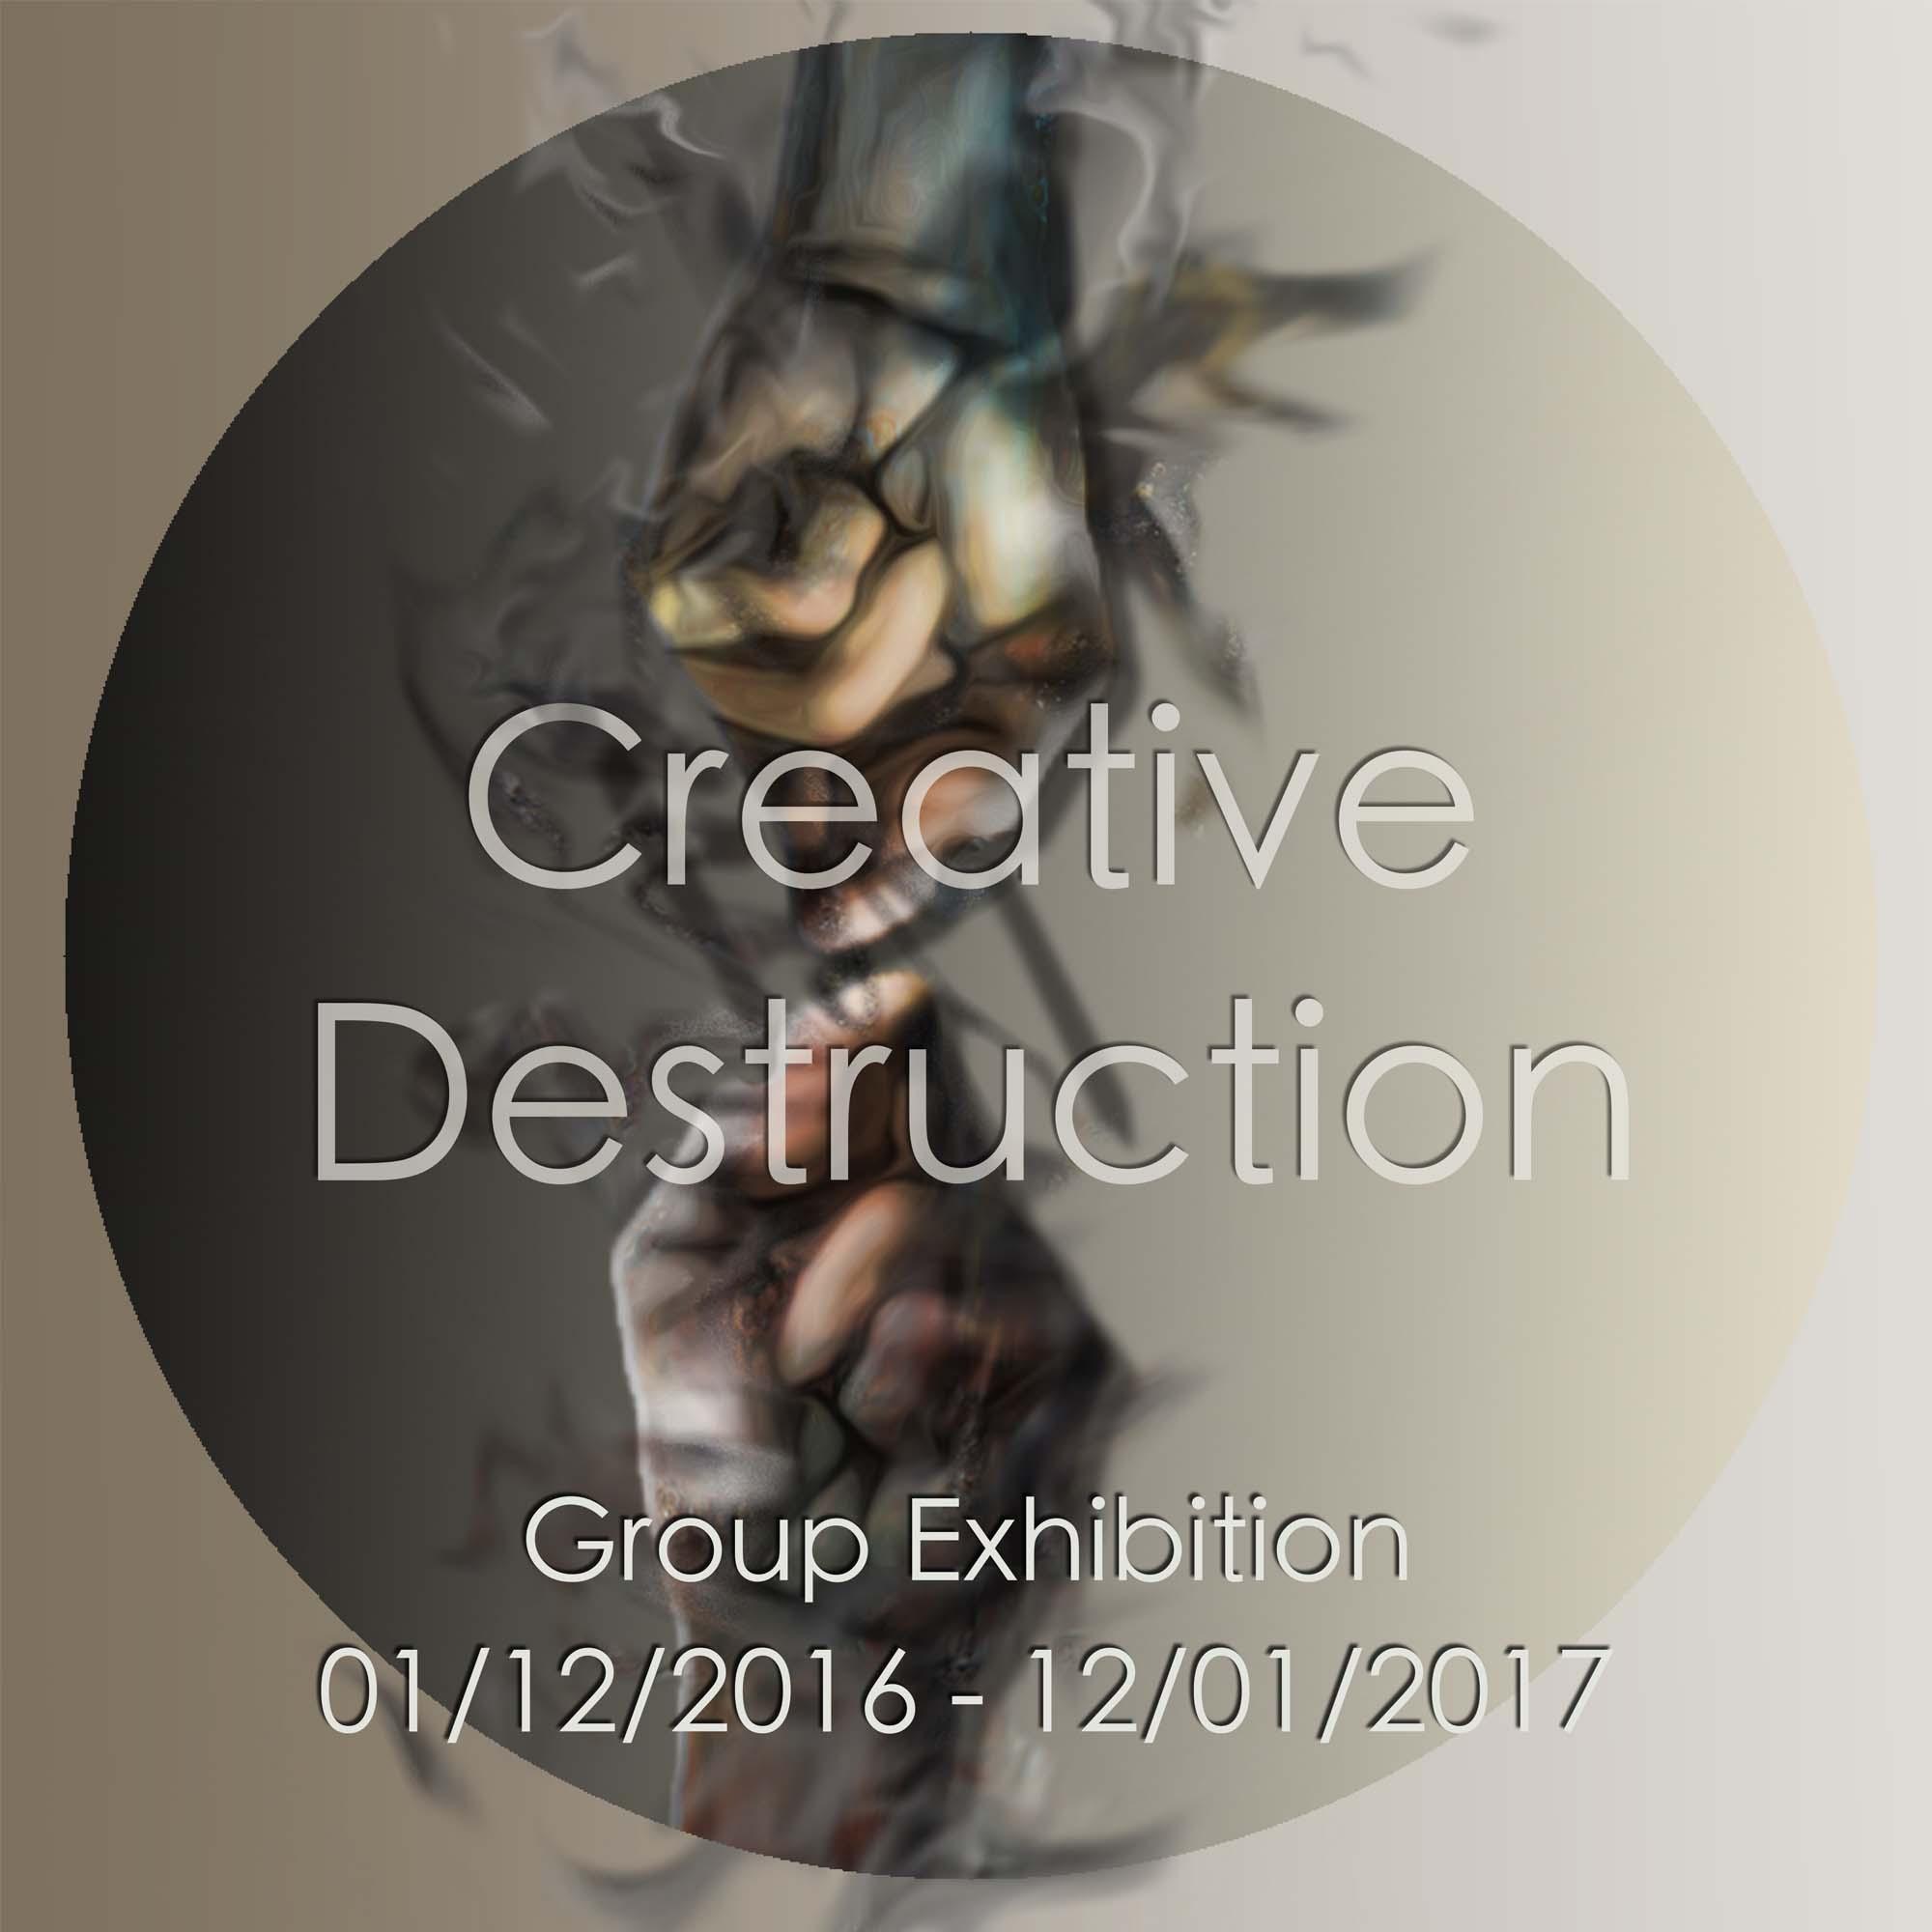 Creative Destruction: Group Show